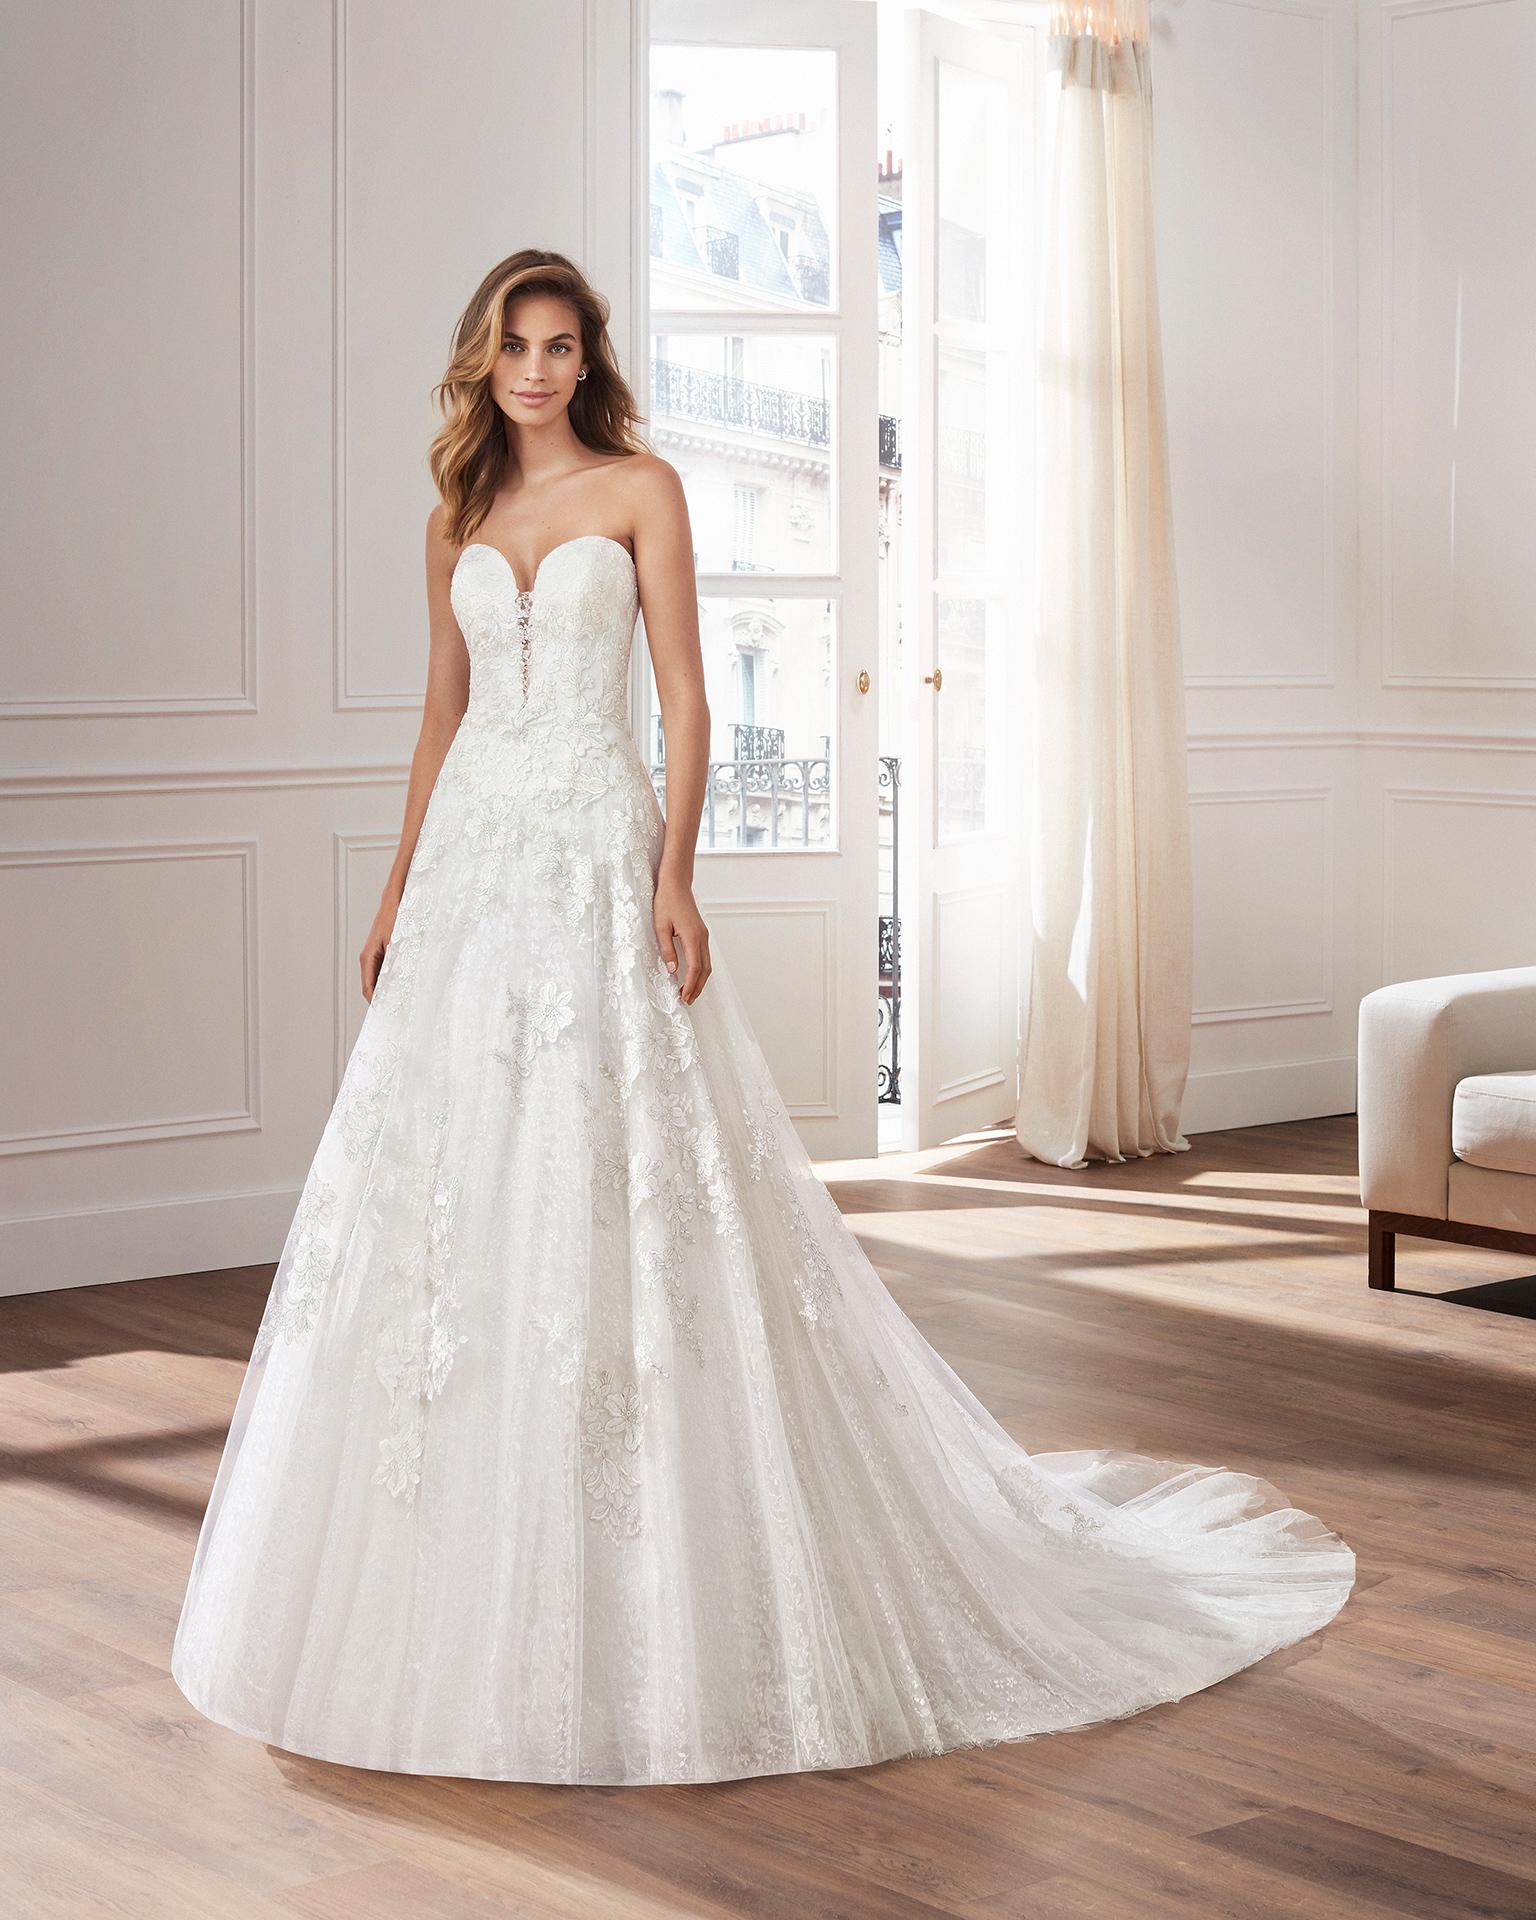 Vestido de novia corte evasé de encaje. Escote corazón, tirantes y aplicaciones en falda. Disponible en color natural. Colección  2019.